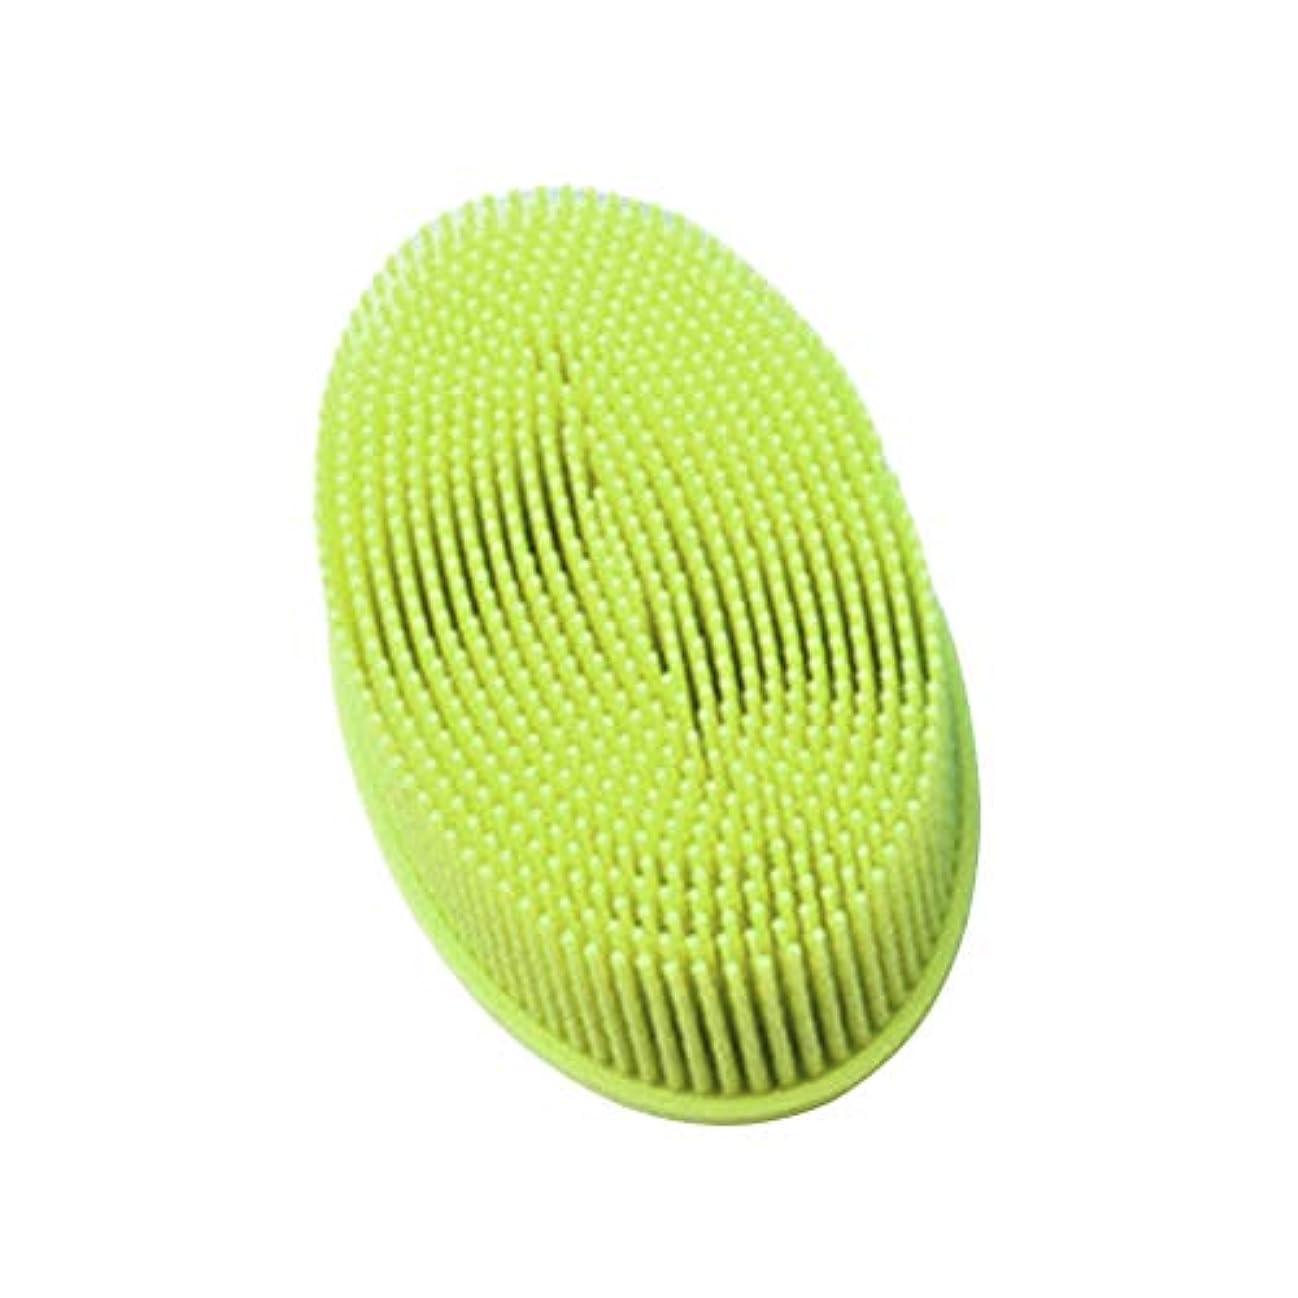 窒素バウンドレキシコンTOPBATHY シリコンシャワーブラシ 頭皮 洗顔 ボディブラシ お風呂 柔らかい 体洗いブラシ 肌にやさしい 多機能 角質除去 疲れ解消(グリーン)